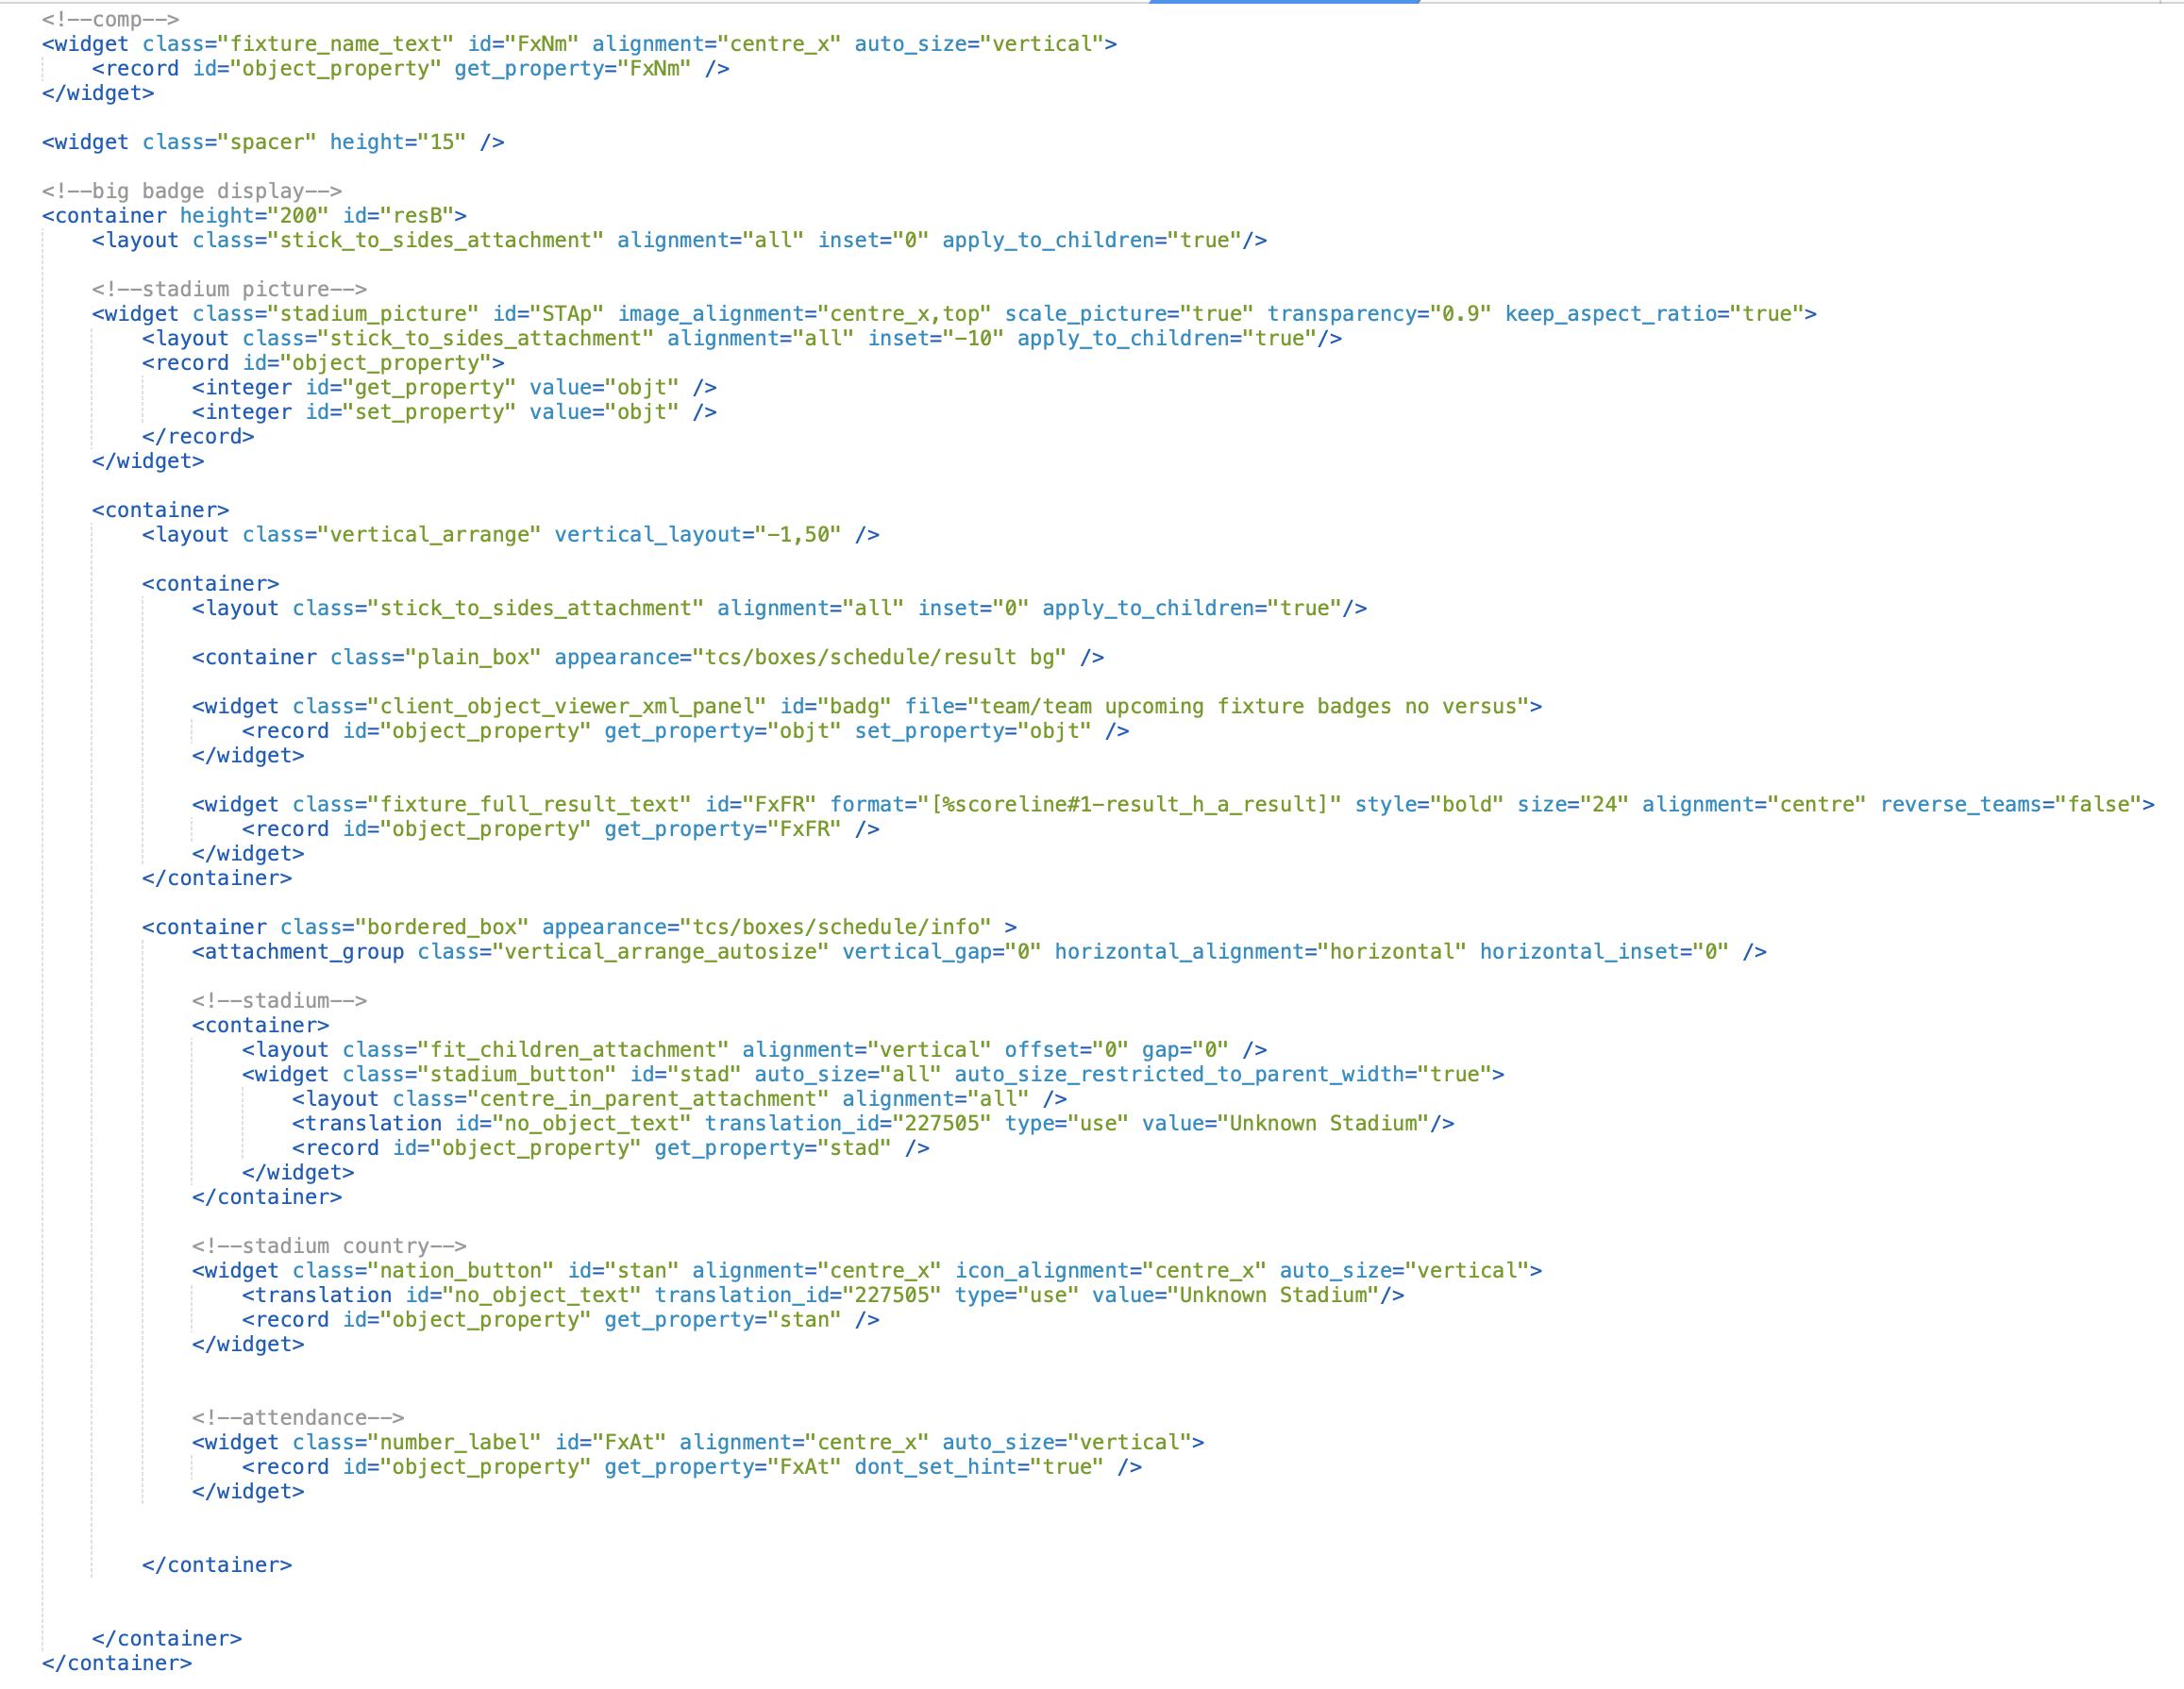 Screenshot%202019-04-13%20at%2020.08.41.